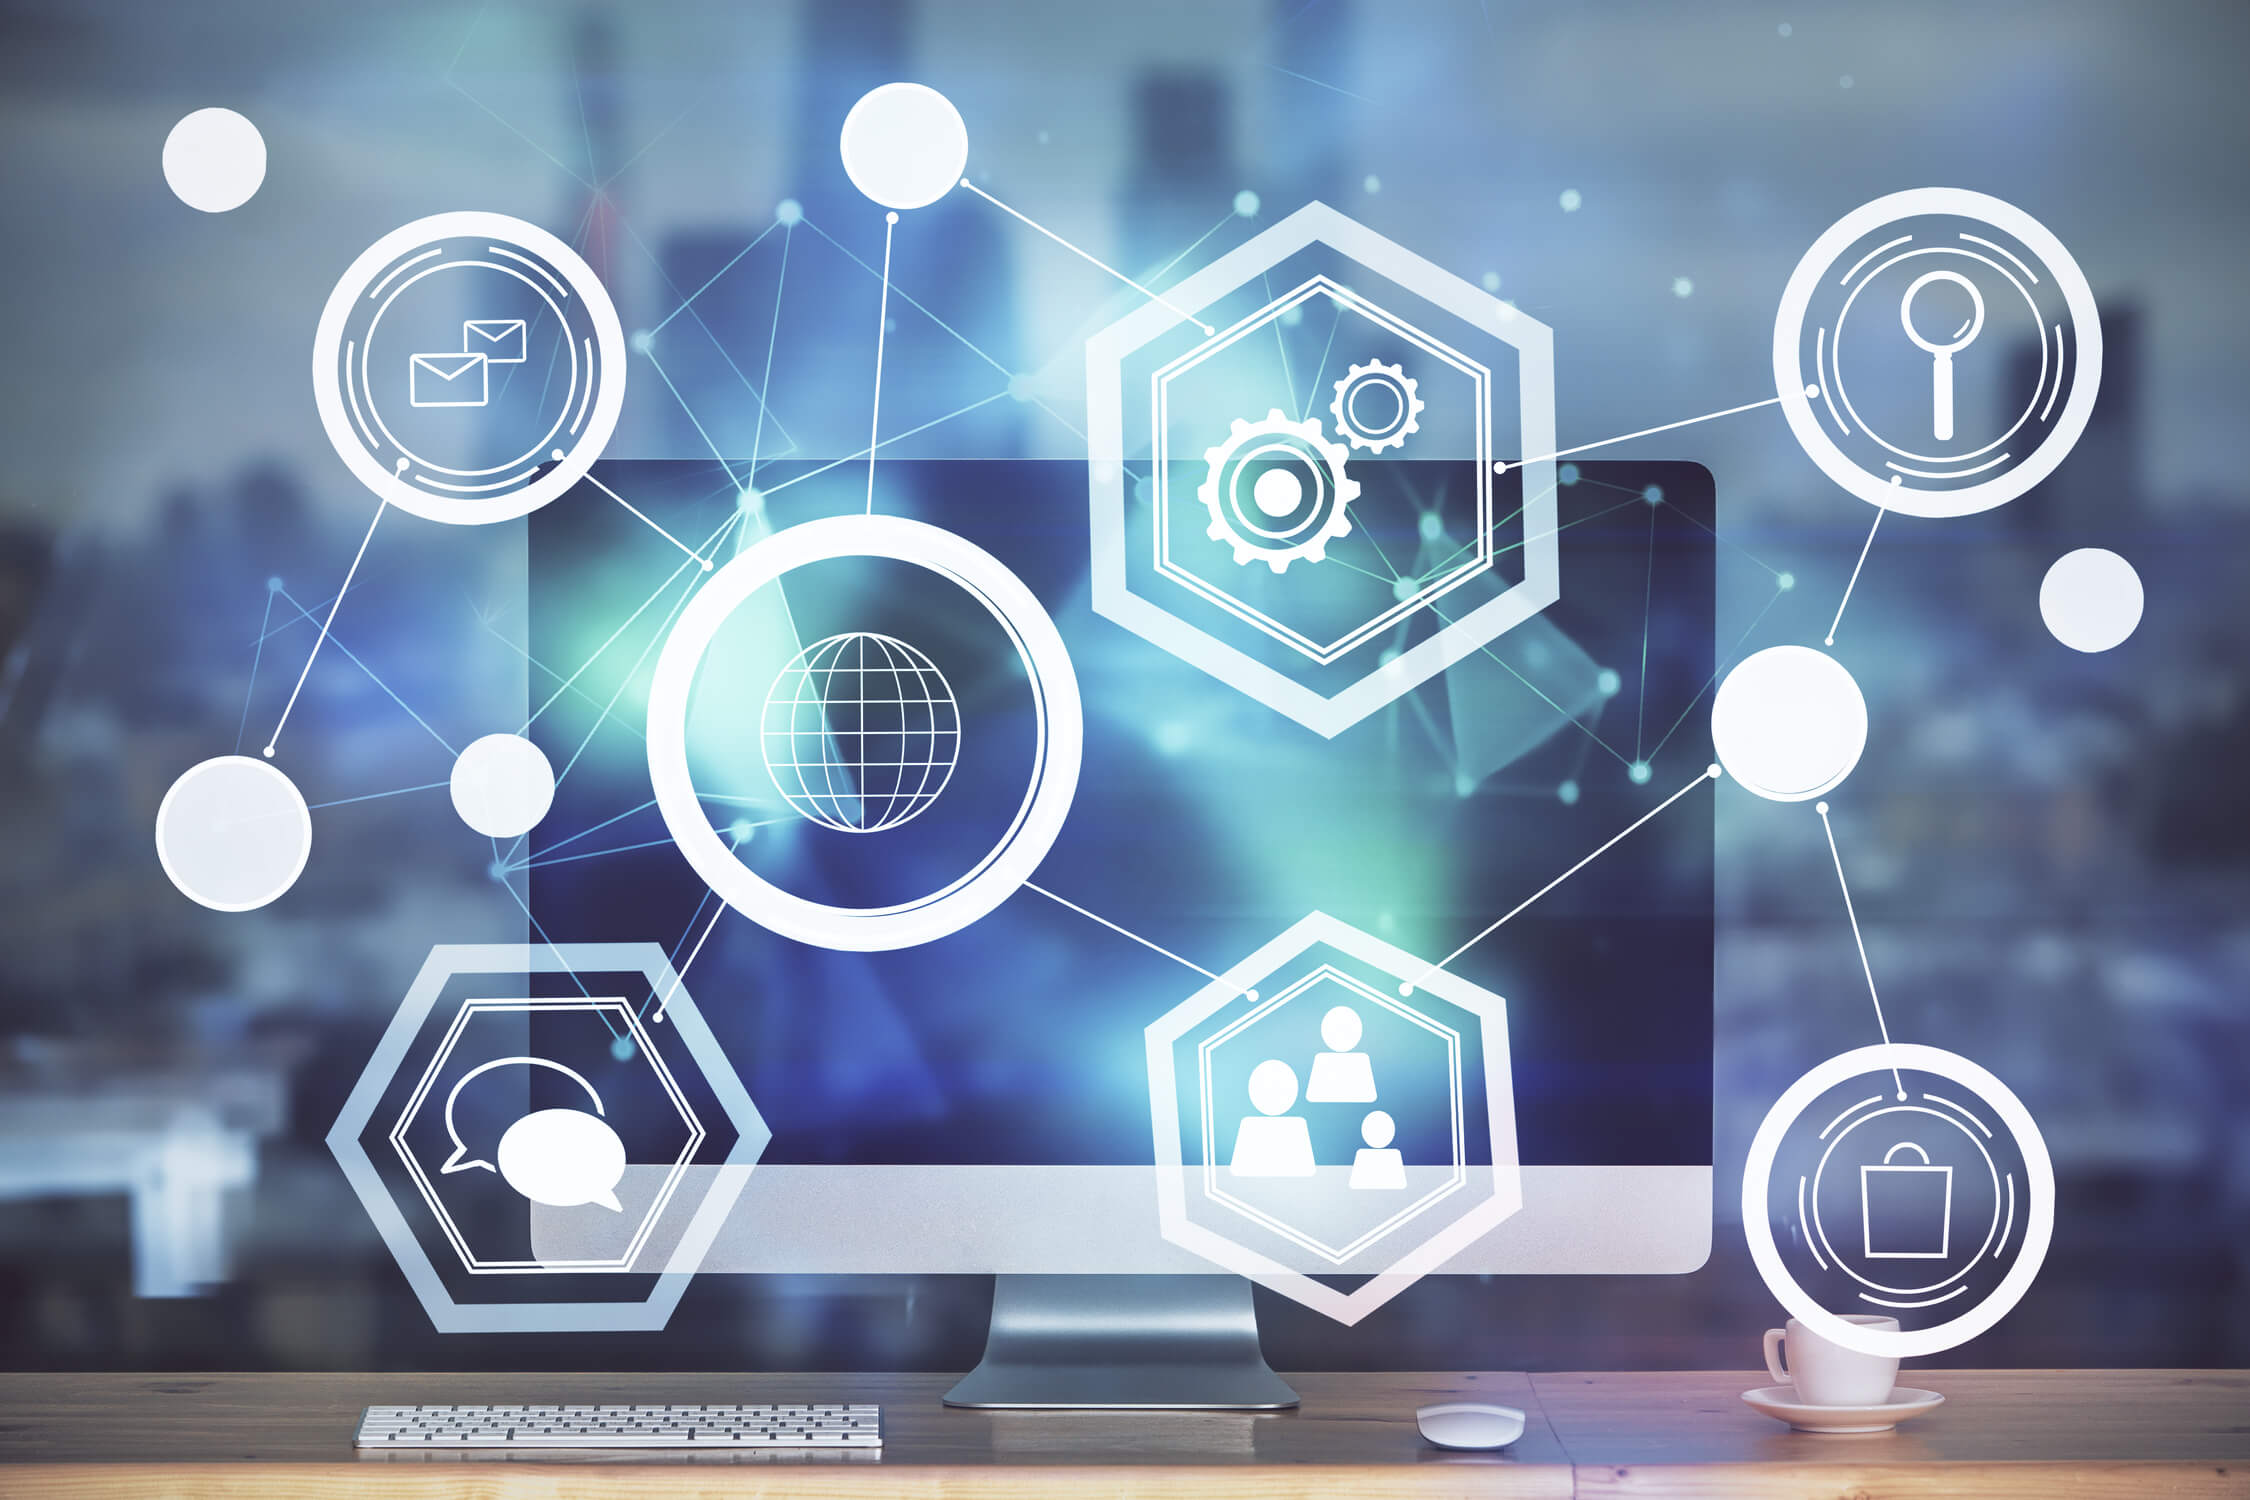 Améliorer la cybersécurité des objets connectés